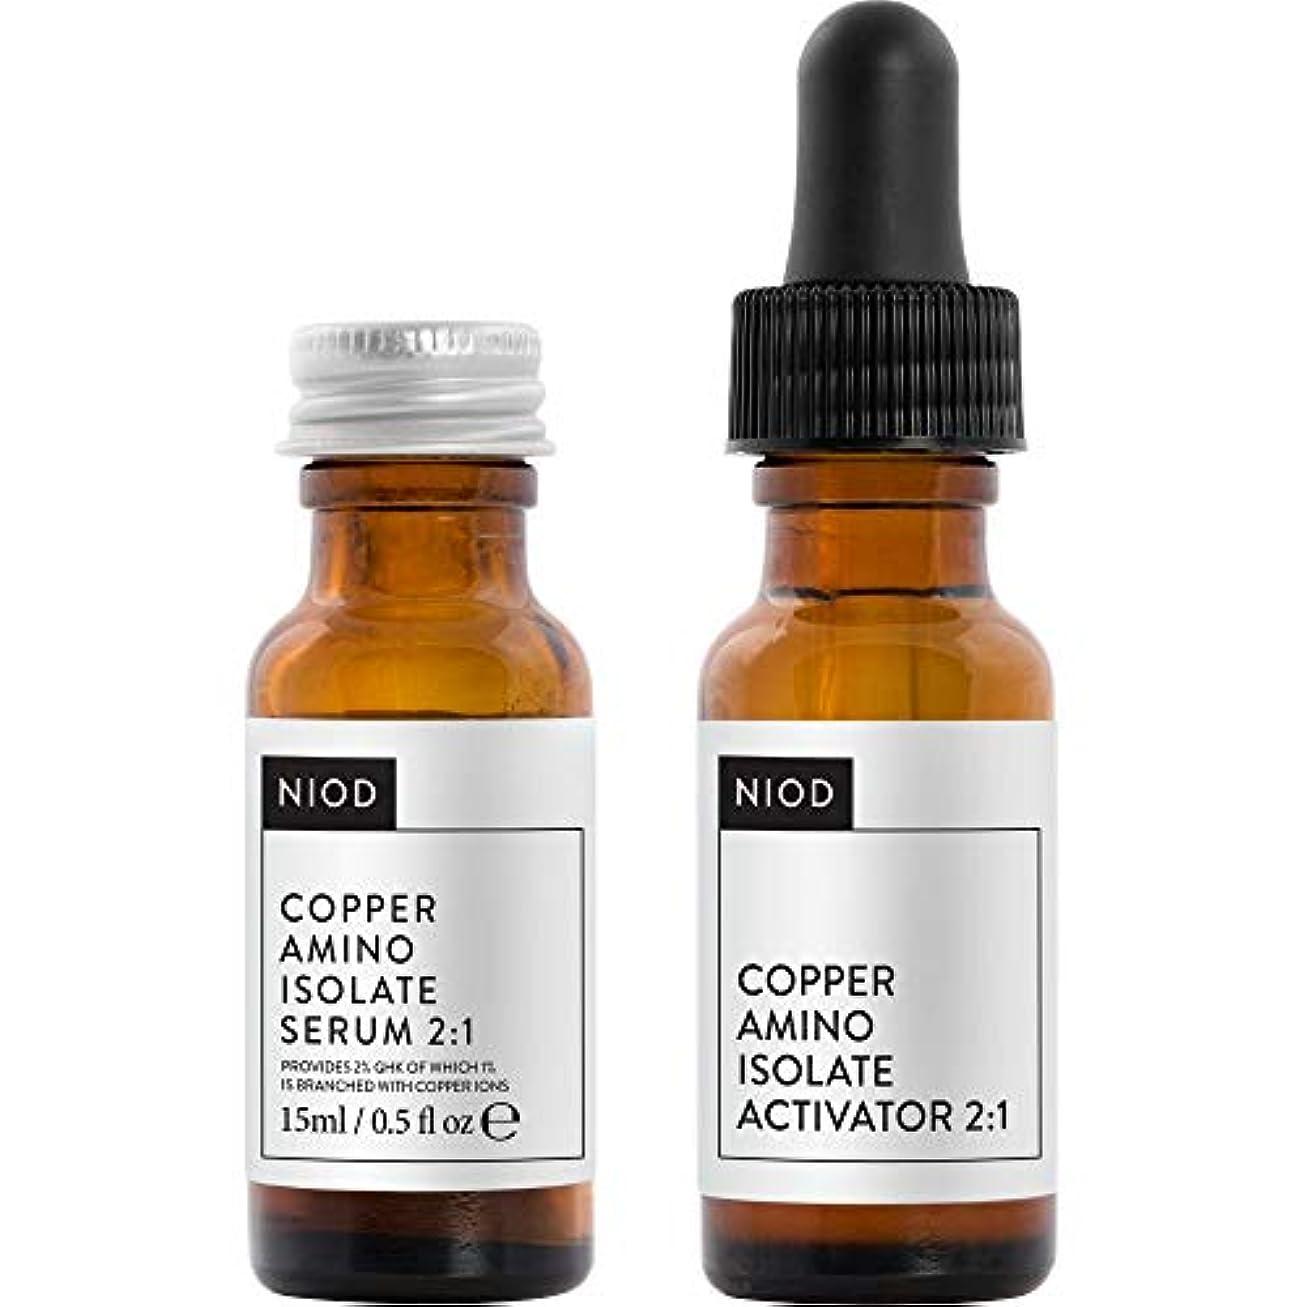 カタログ治世昇る[NIOD] Niod銅アミノ分離株の血清2:1 15ミリリットル - NIOD Copper Amino Isolate Serum 2:1 15ml [並行輸入品]